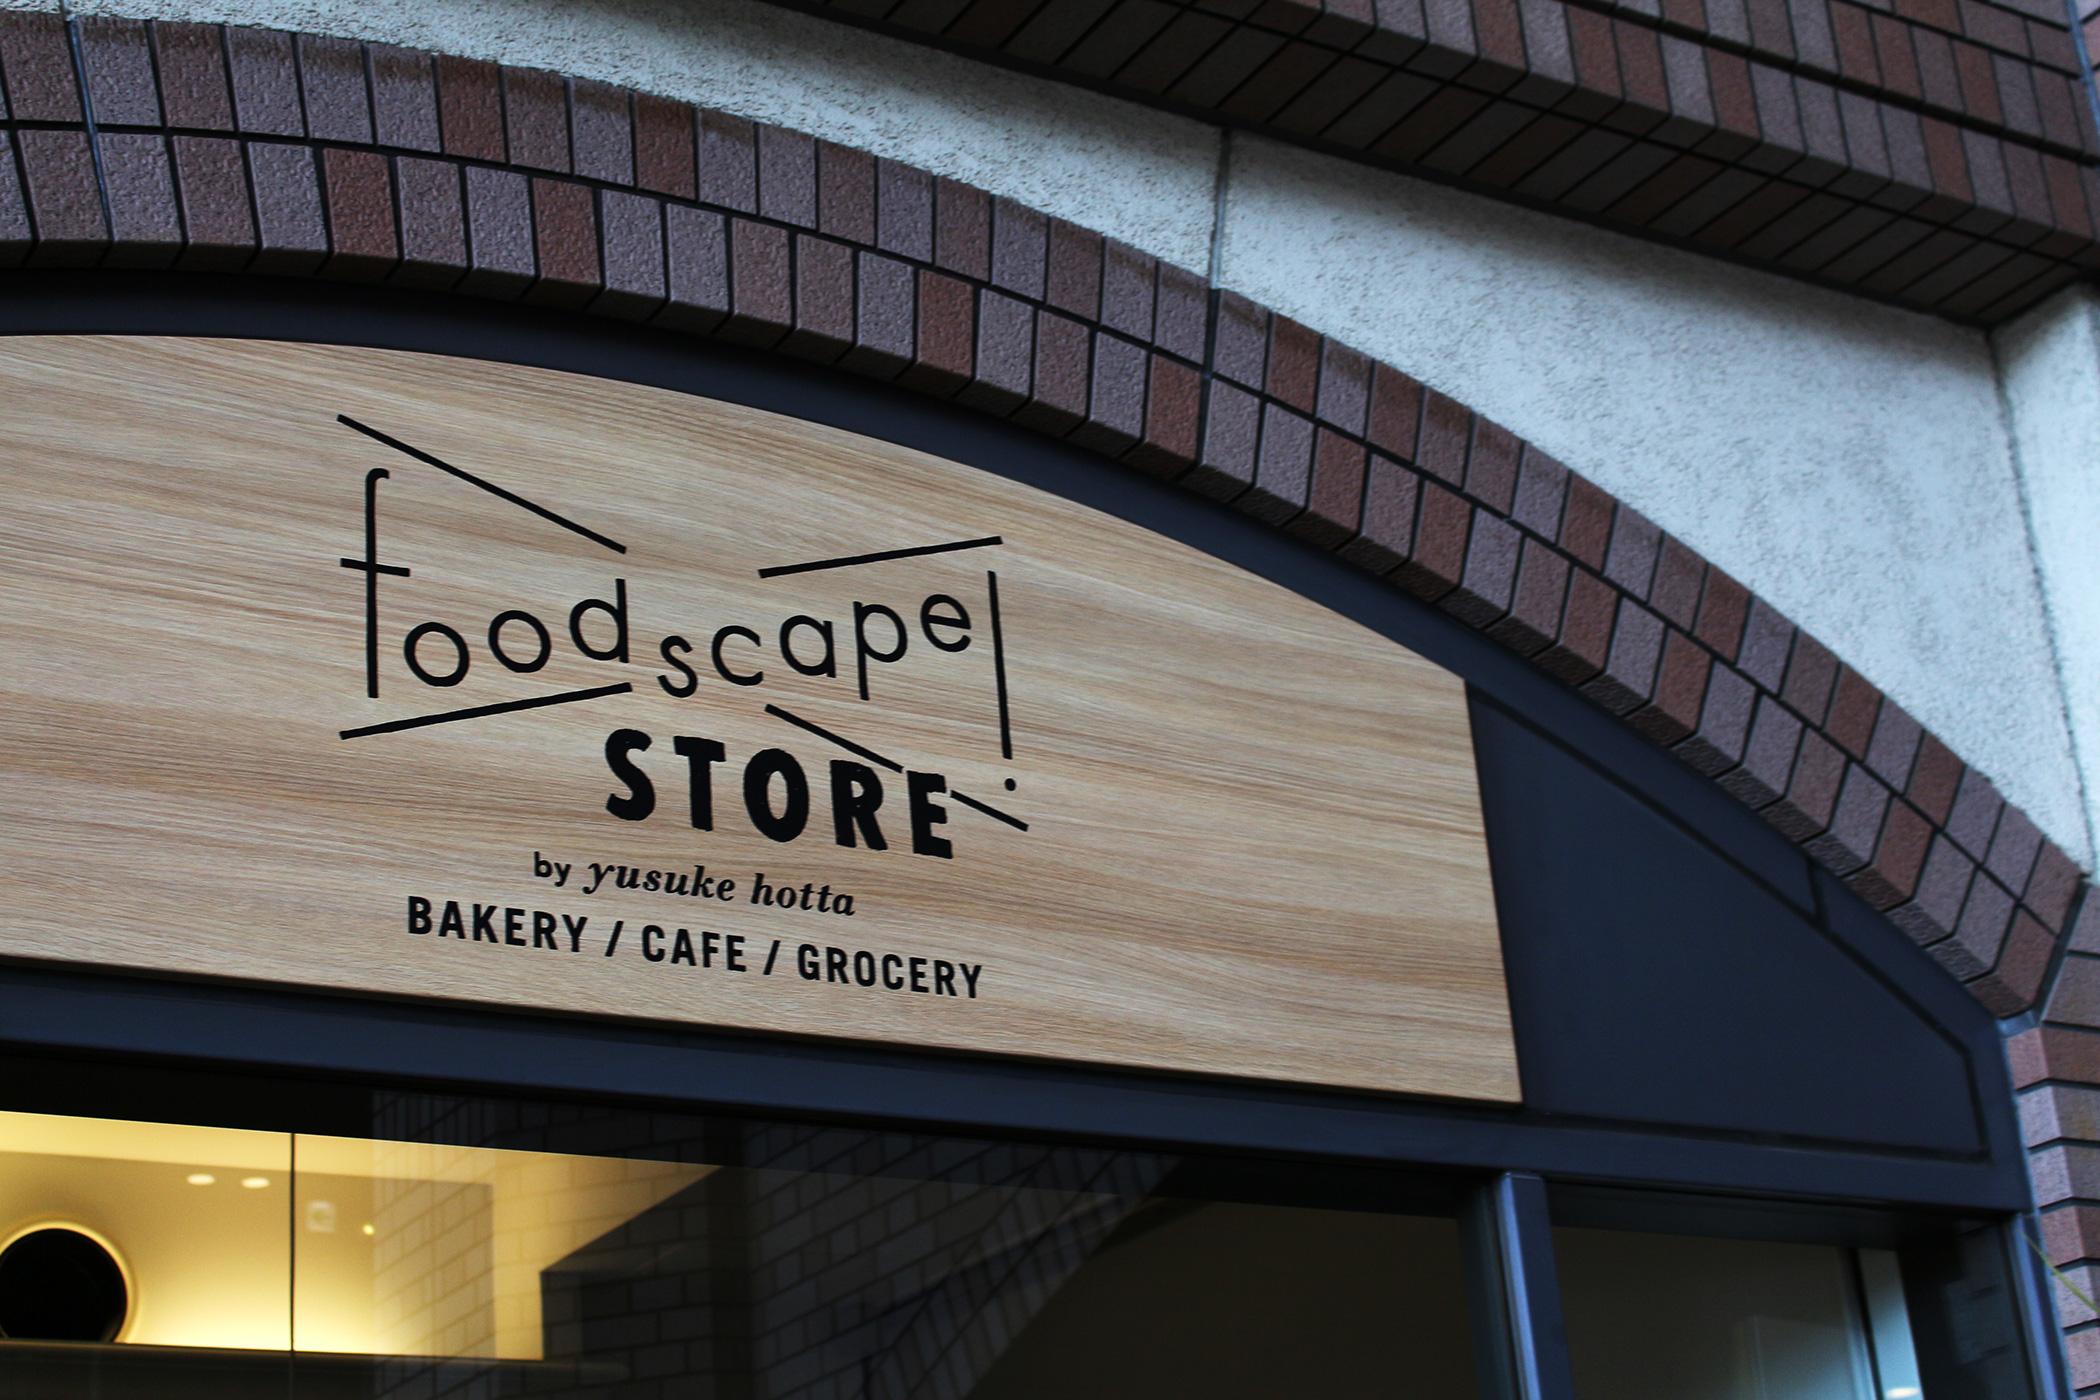 foodscape! STORE (フードスケープストア) ベーカリー・カフェ・グローサリーの3つを組み合わせたグッドストア